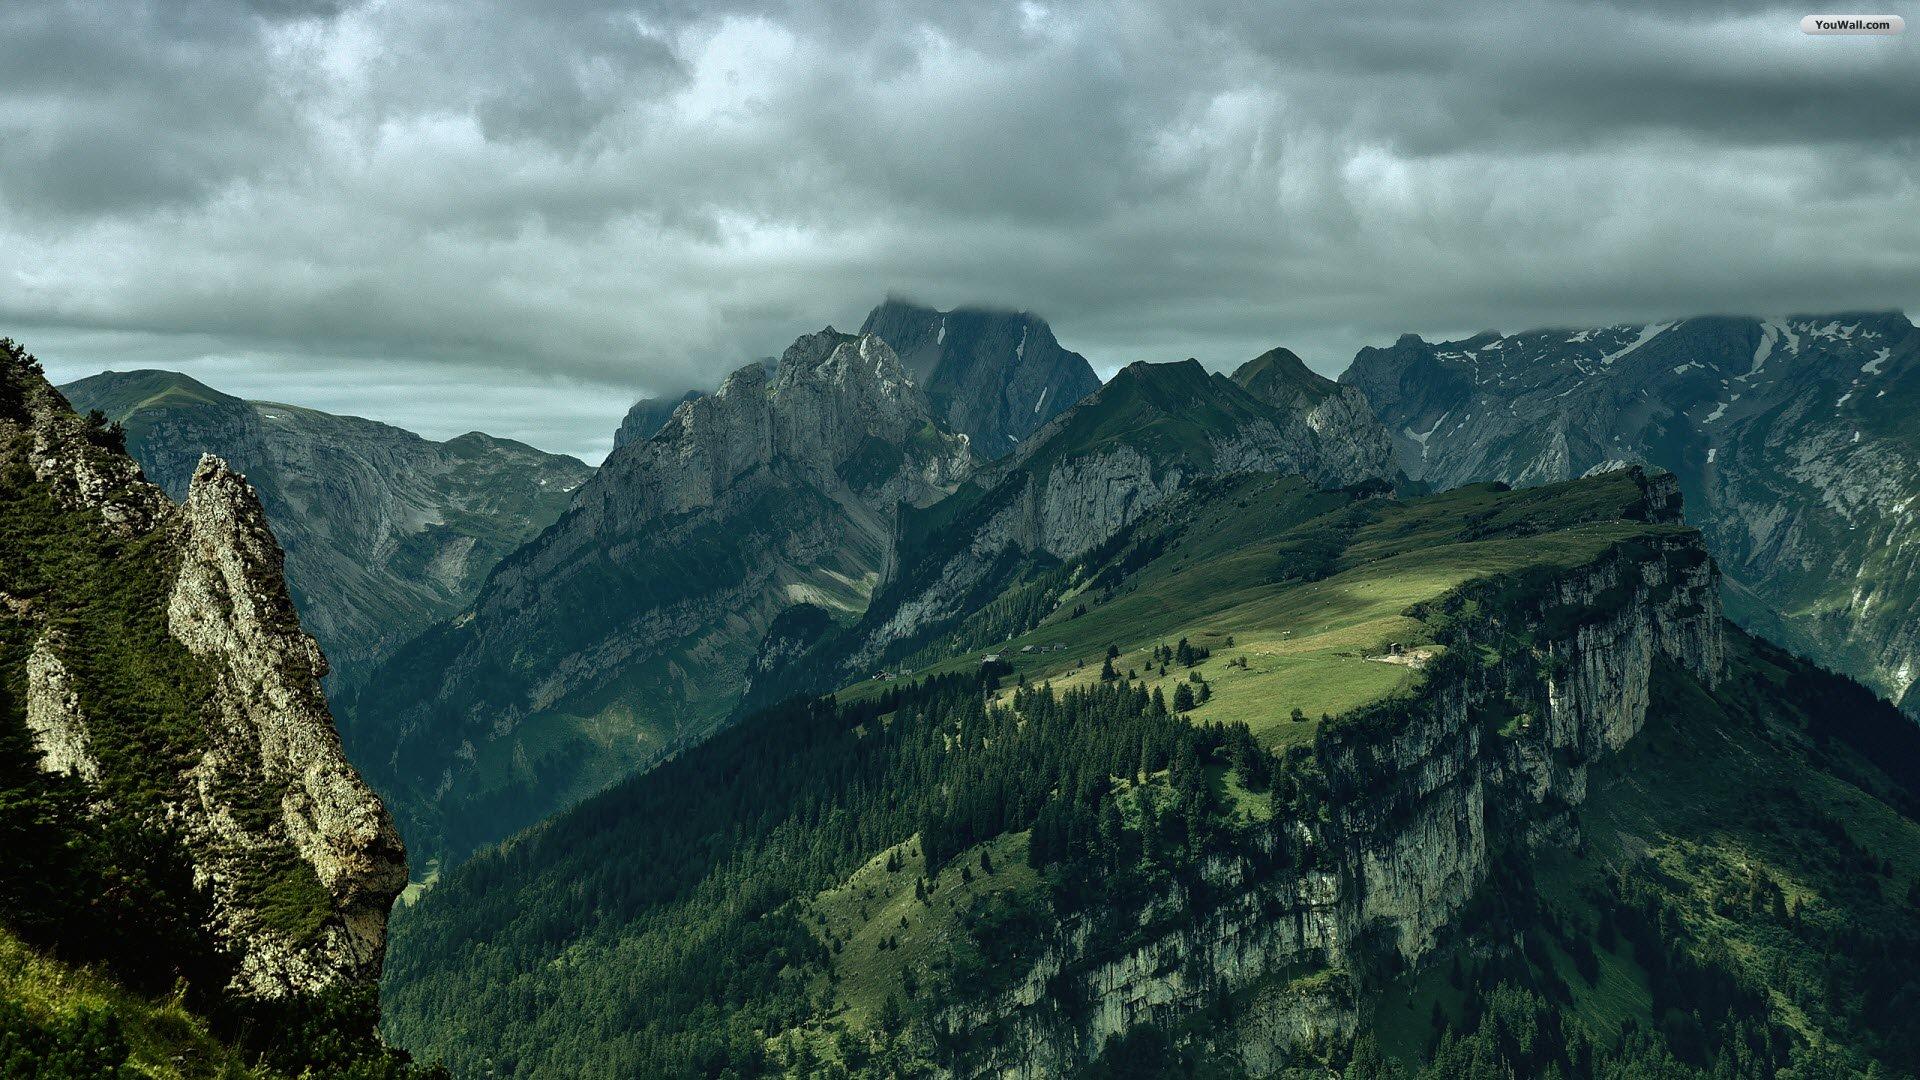 4k Clipart Landscape.